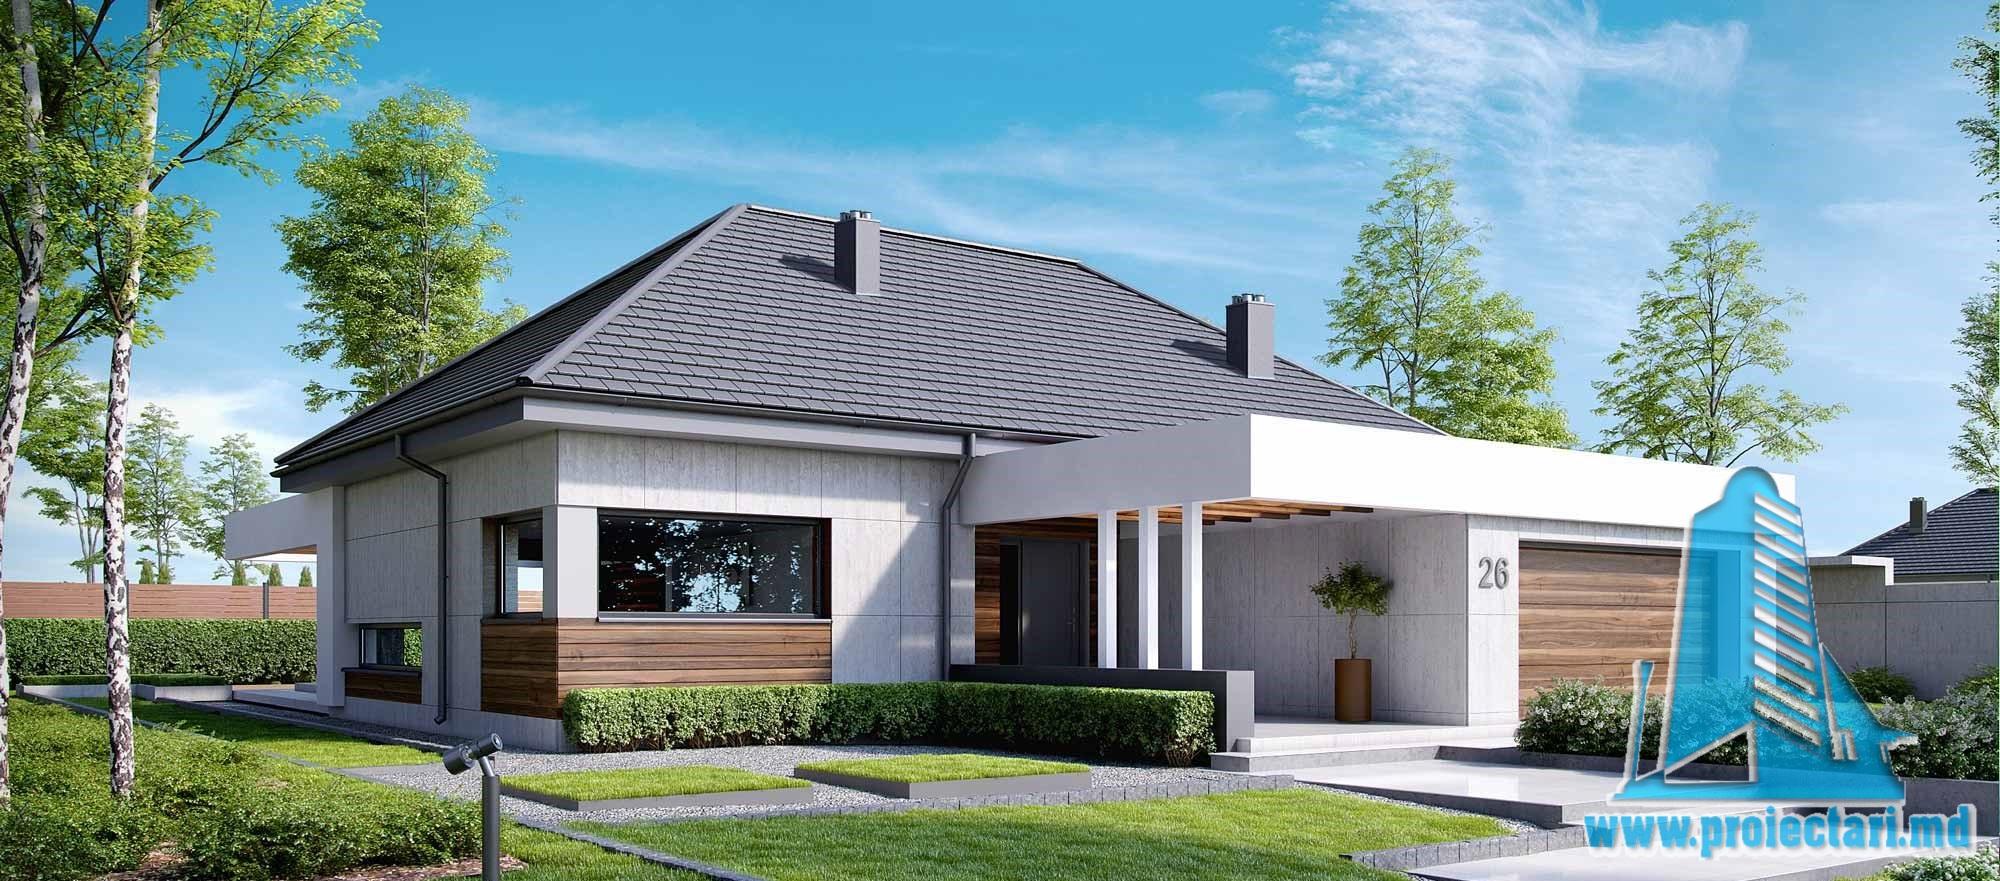 Casa cu parter si garaj pentru doua automobile – 248 m2 – 100998